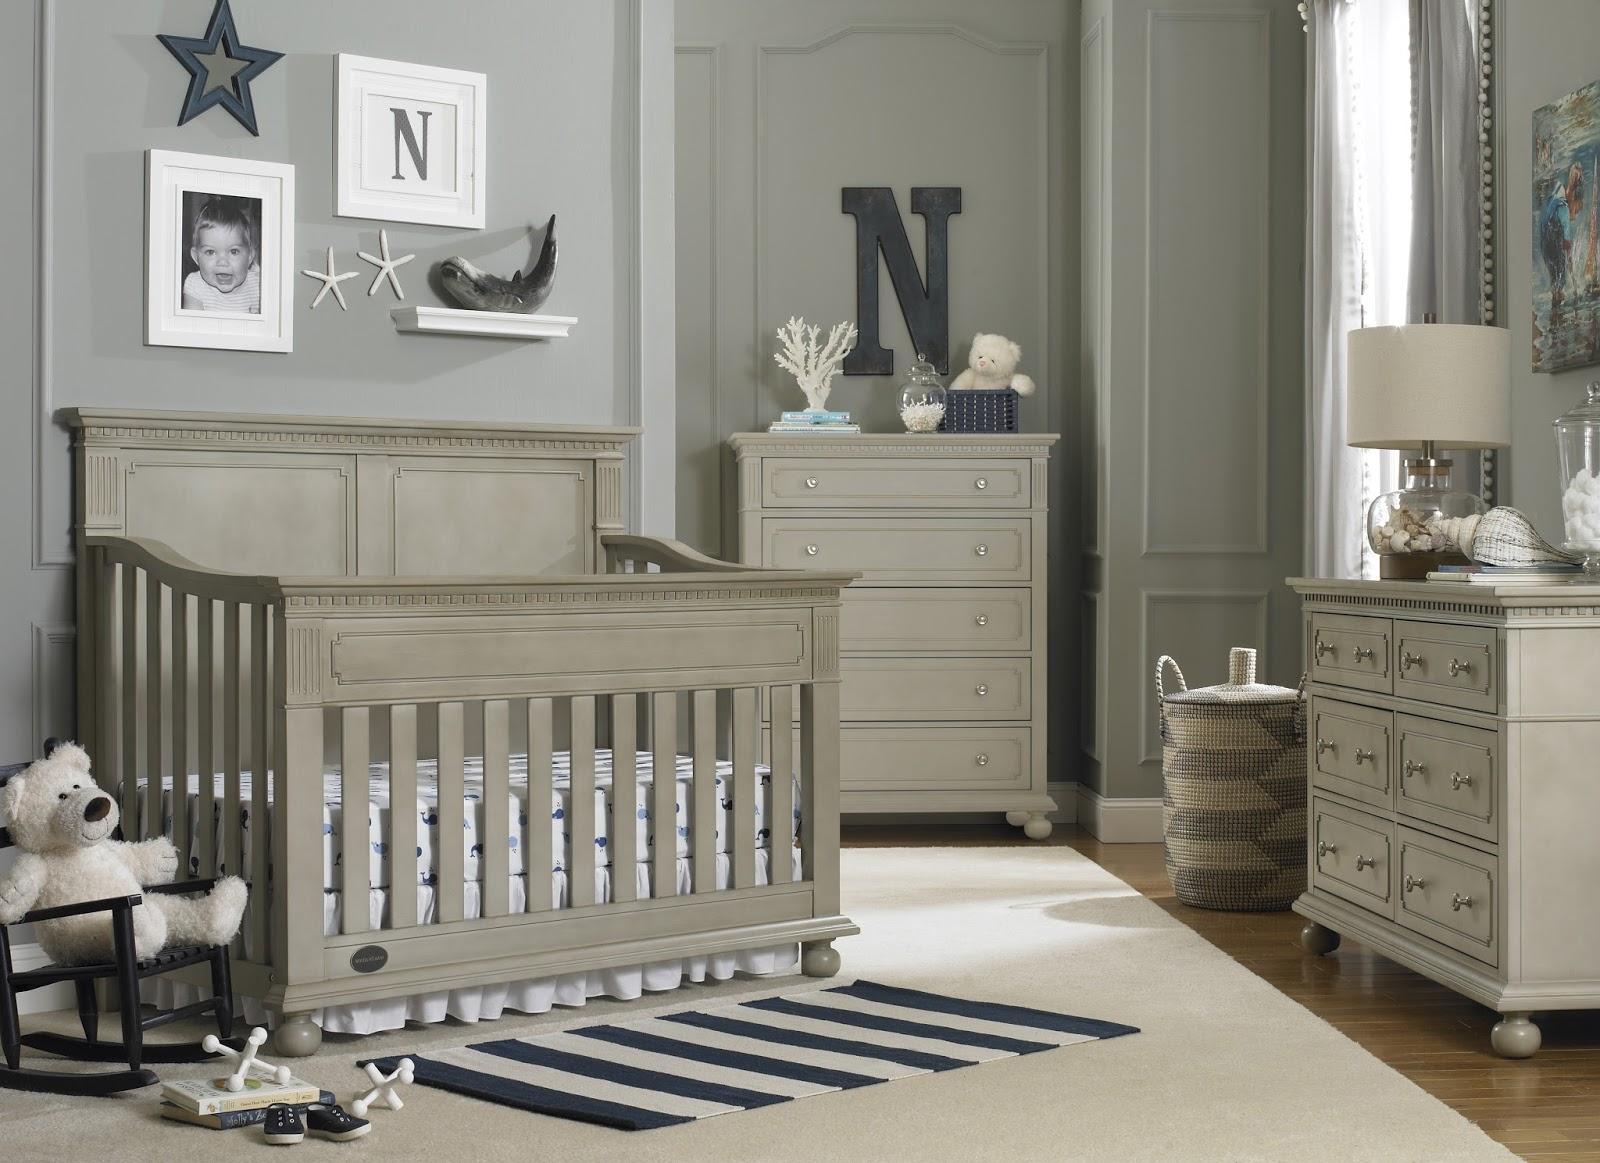 Idée déco chambre bébé mixte  Bébé et décoration  Chambre